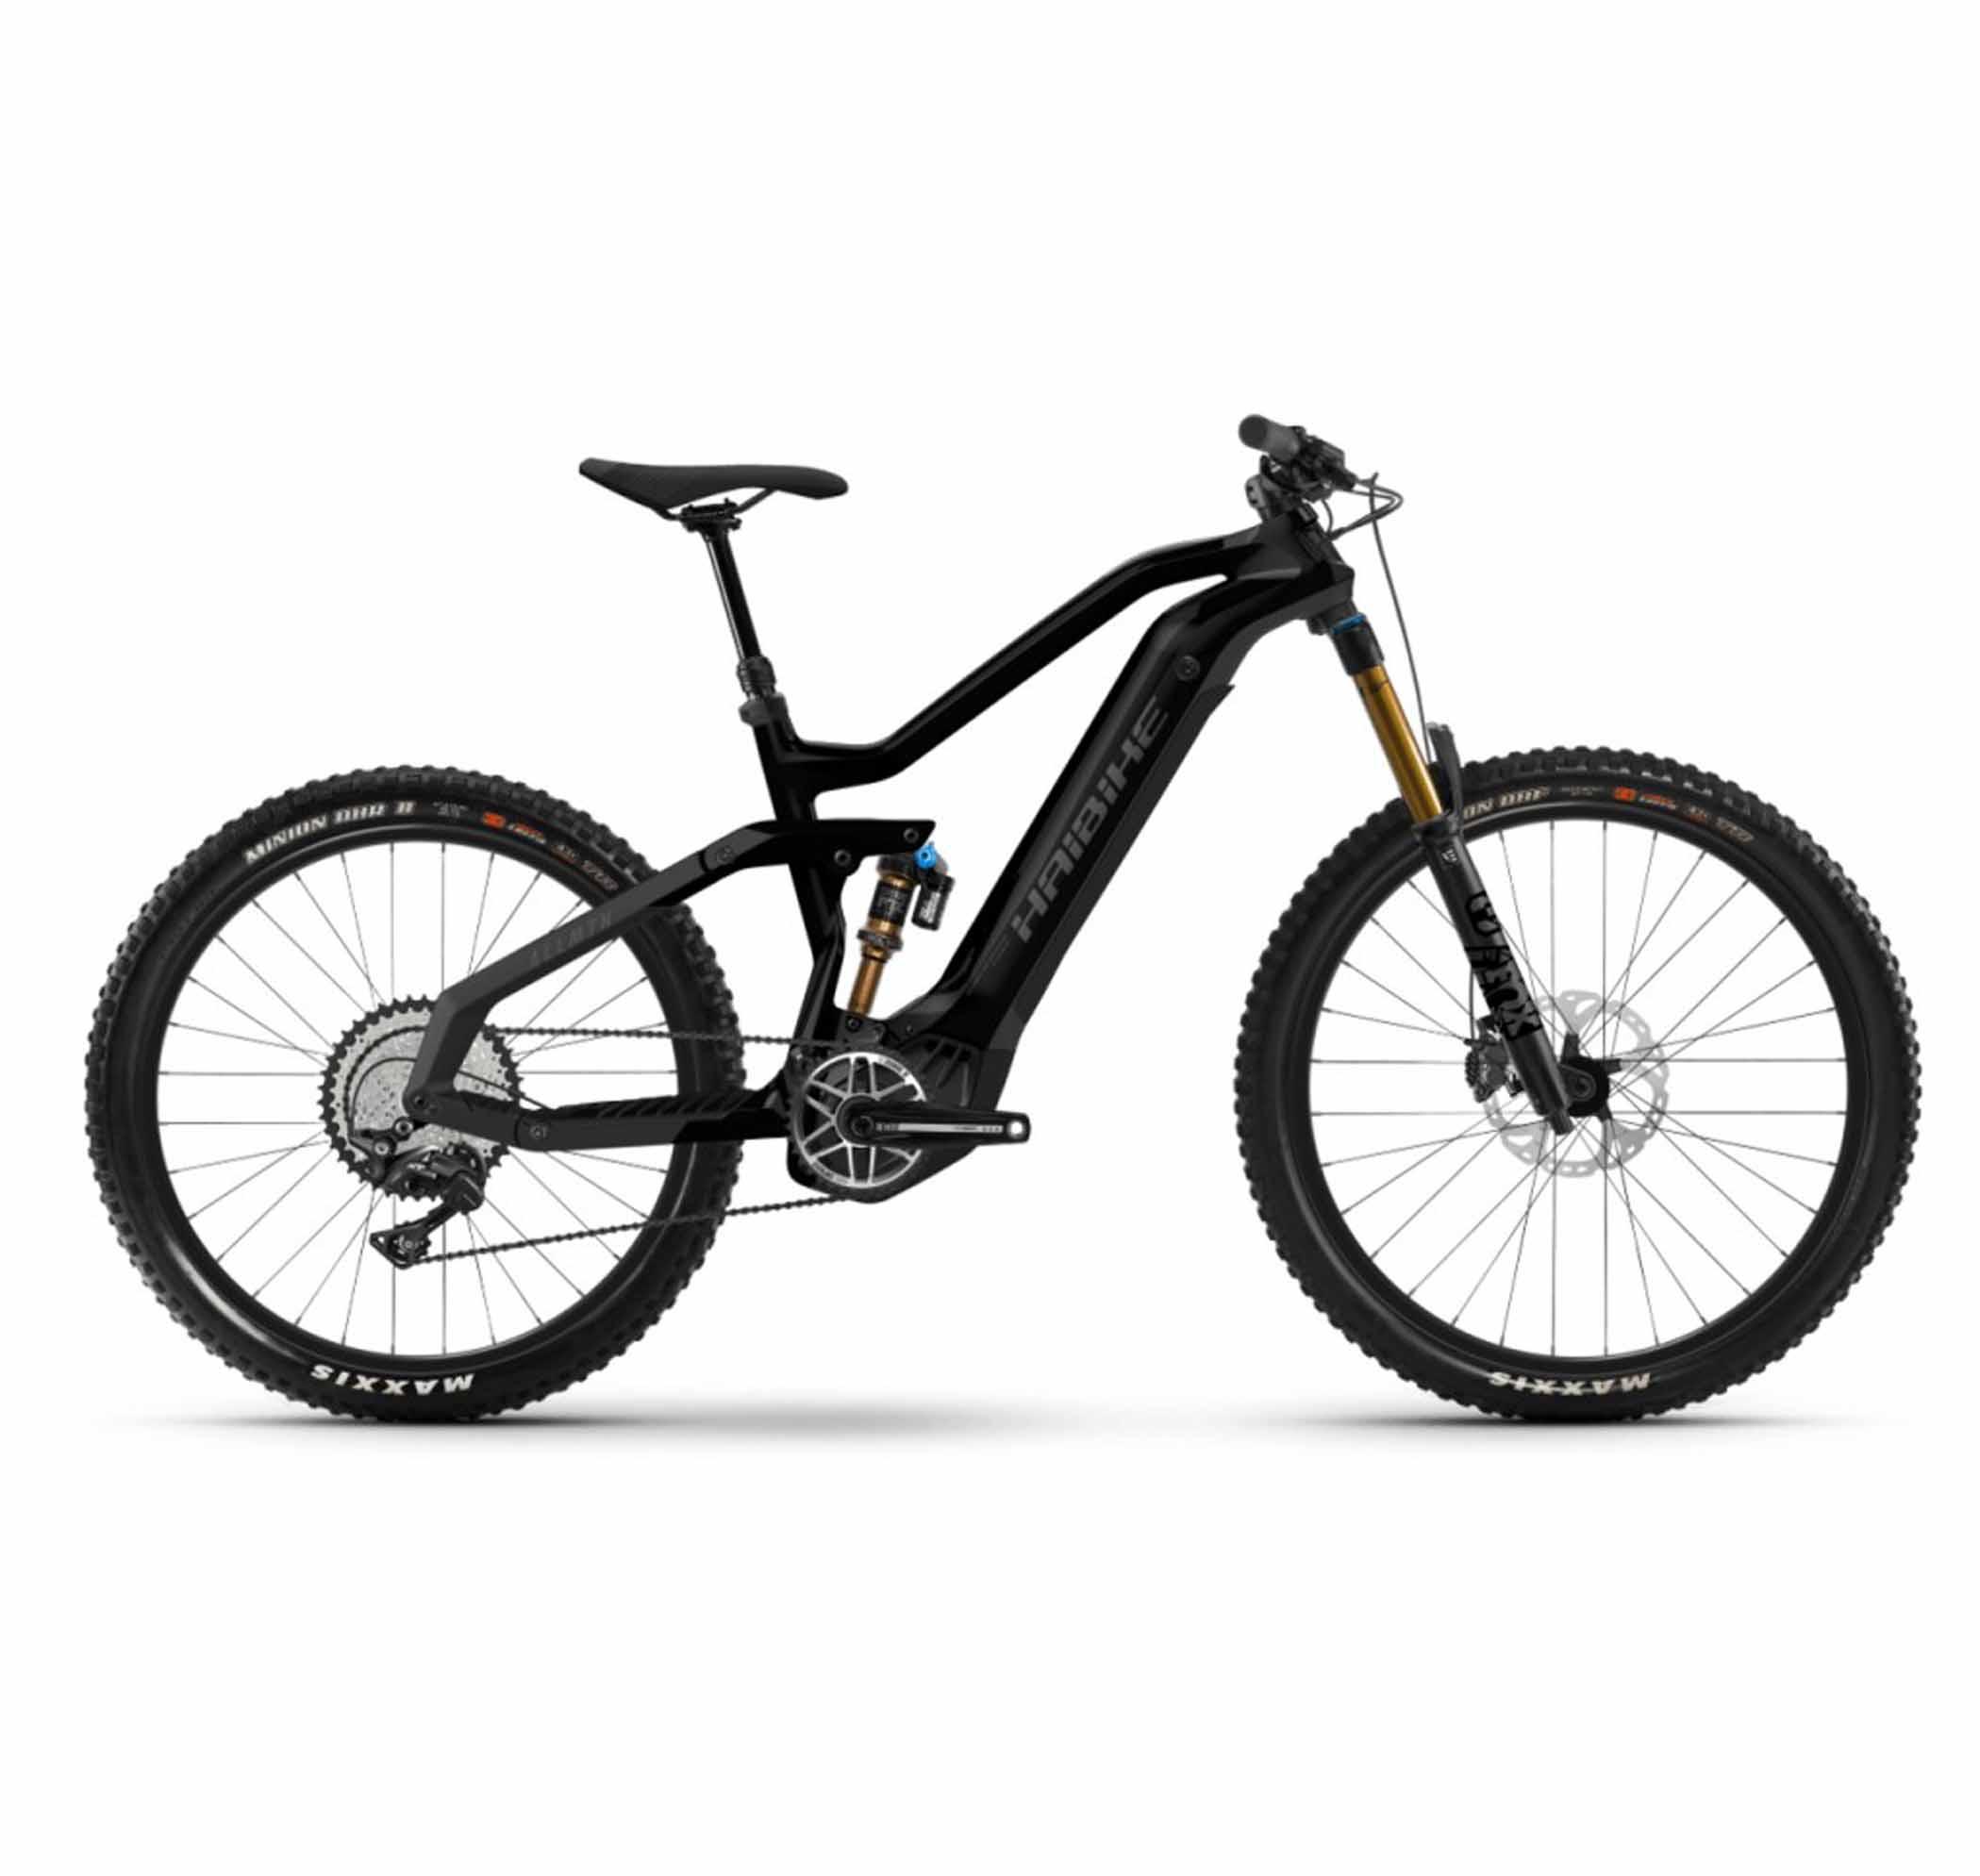 Haibike_Rodeo_Bike_Yamaha_Allmtn_7_Black_i600WH